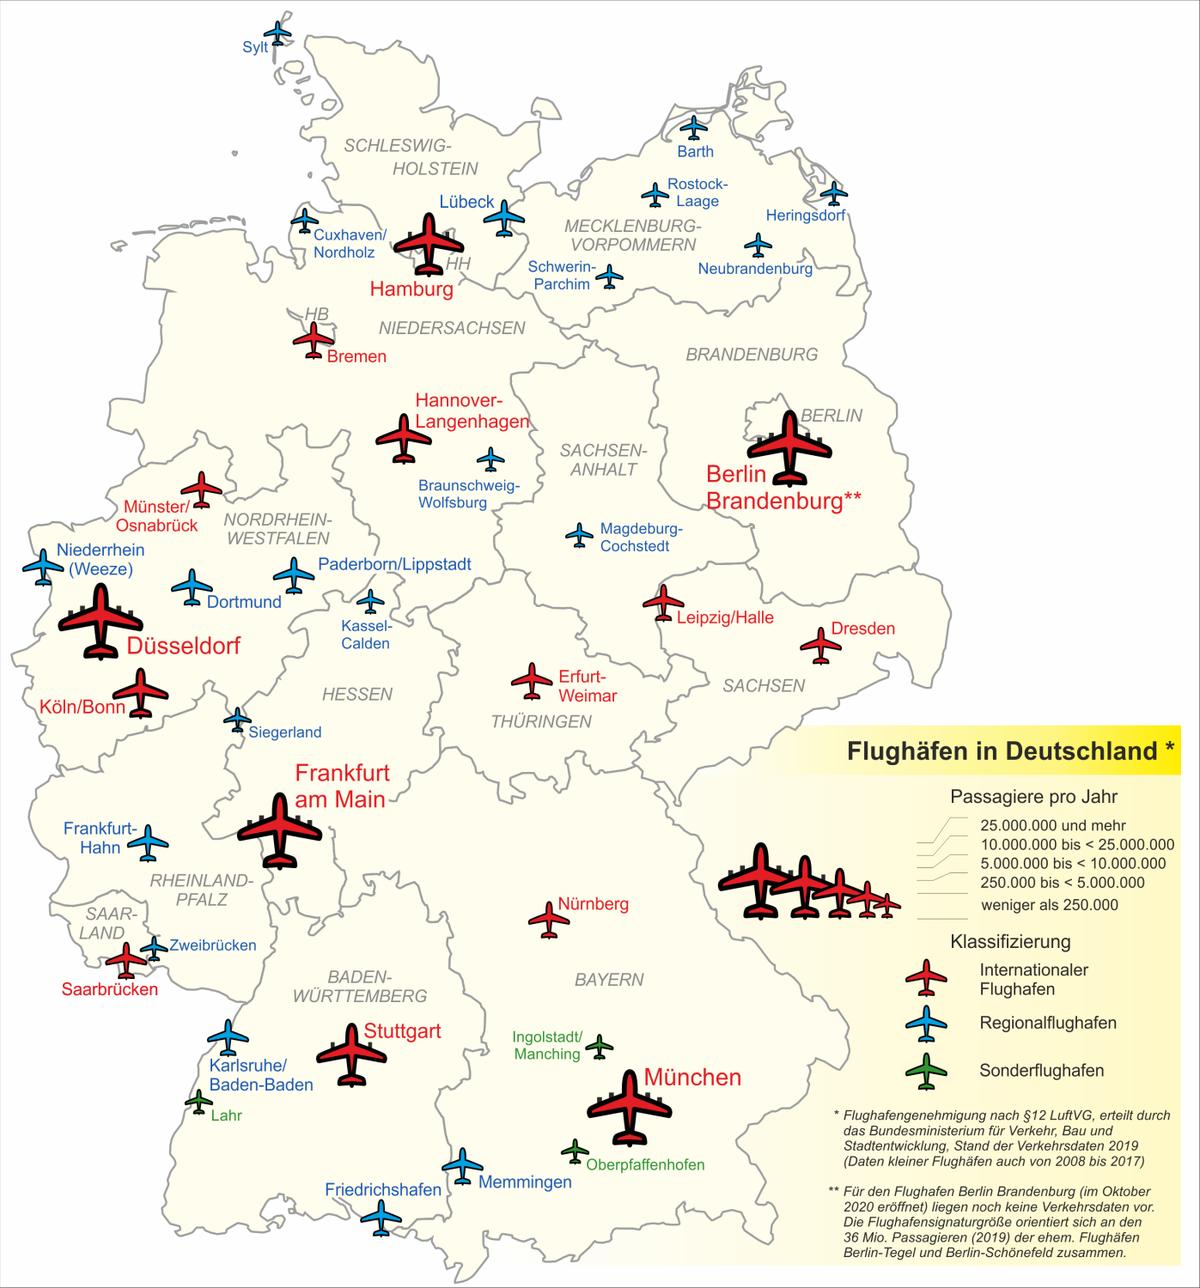 deutschland flughäfen karte Liste der Verkehrsflughäfen in Deutschland – Wikipedia